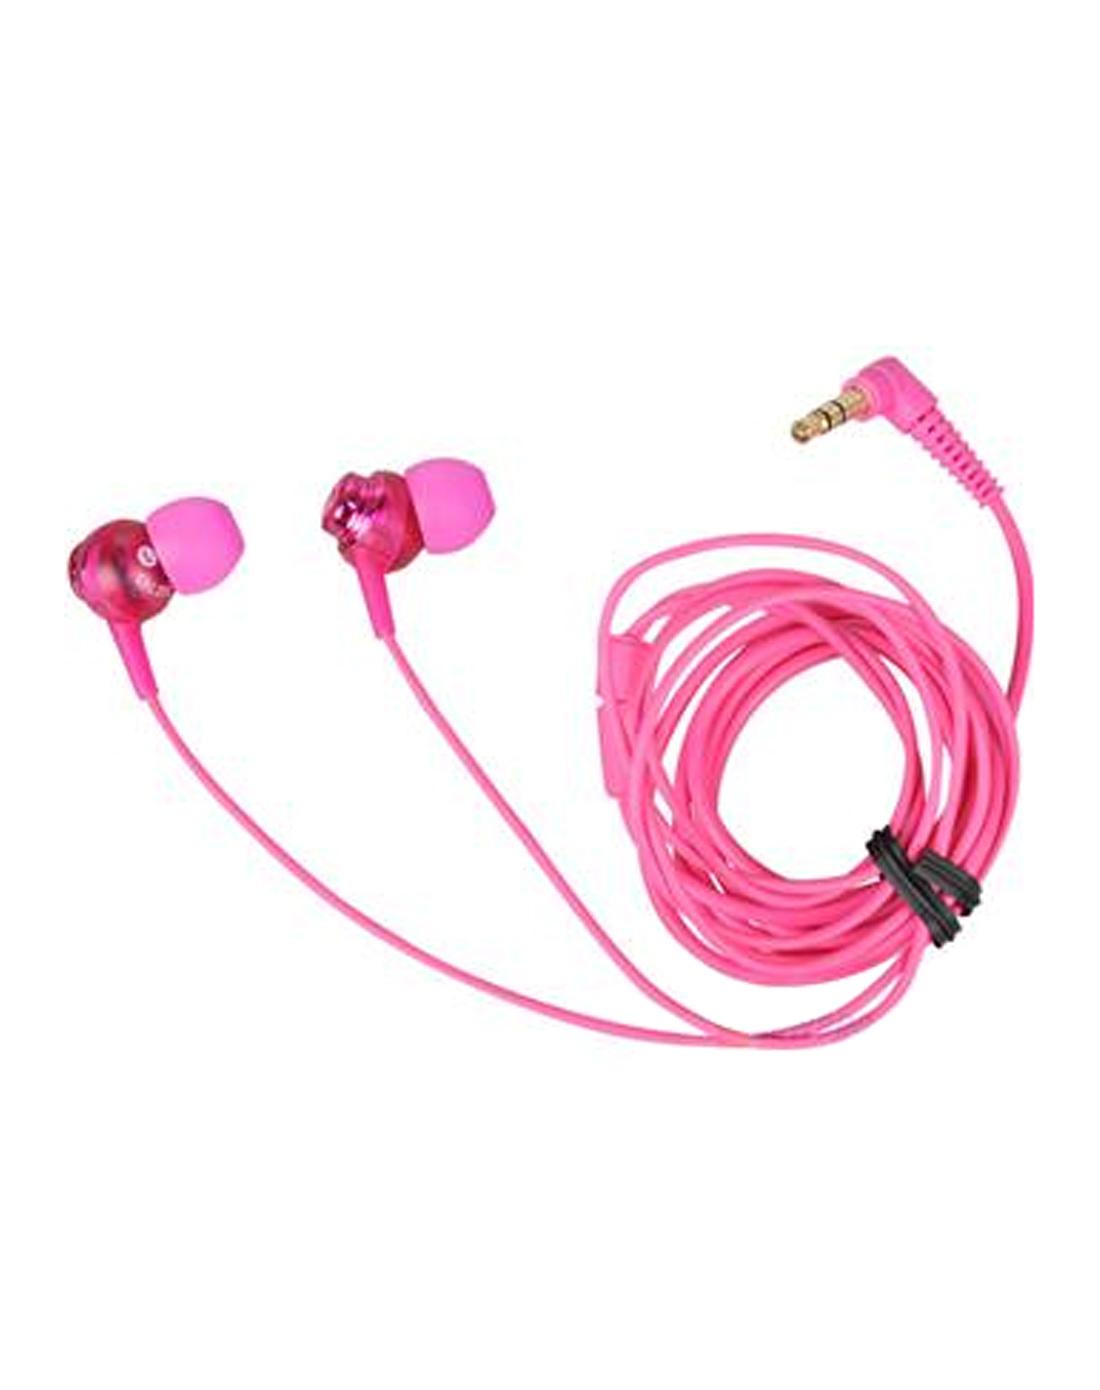 铁三角 时尚动感入耳式高级耳机(粉红色)